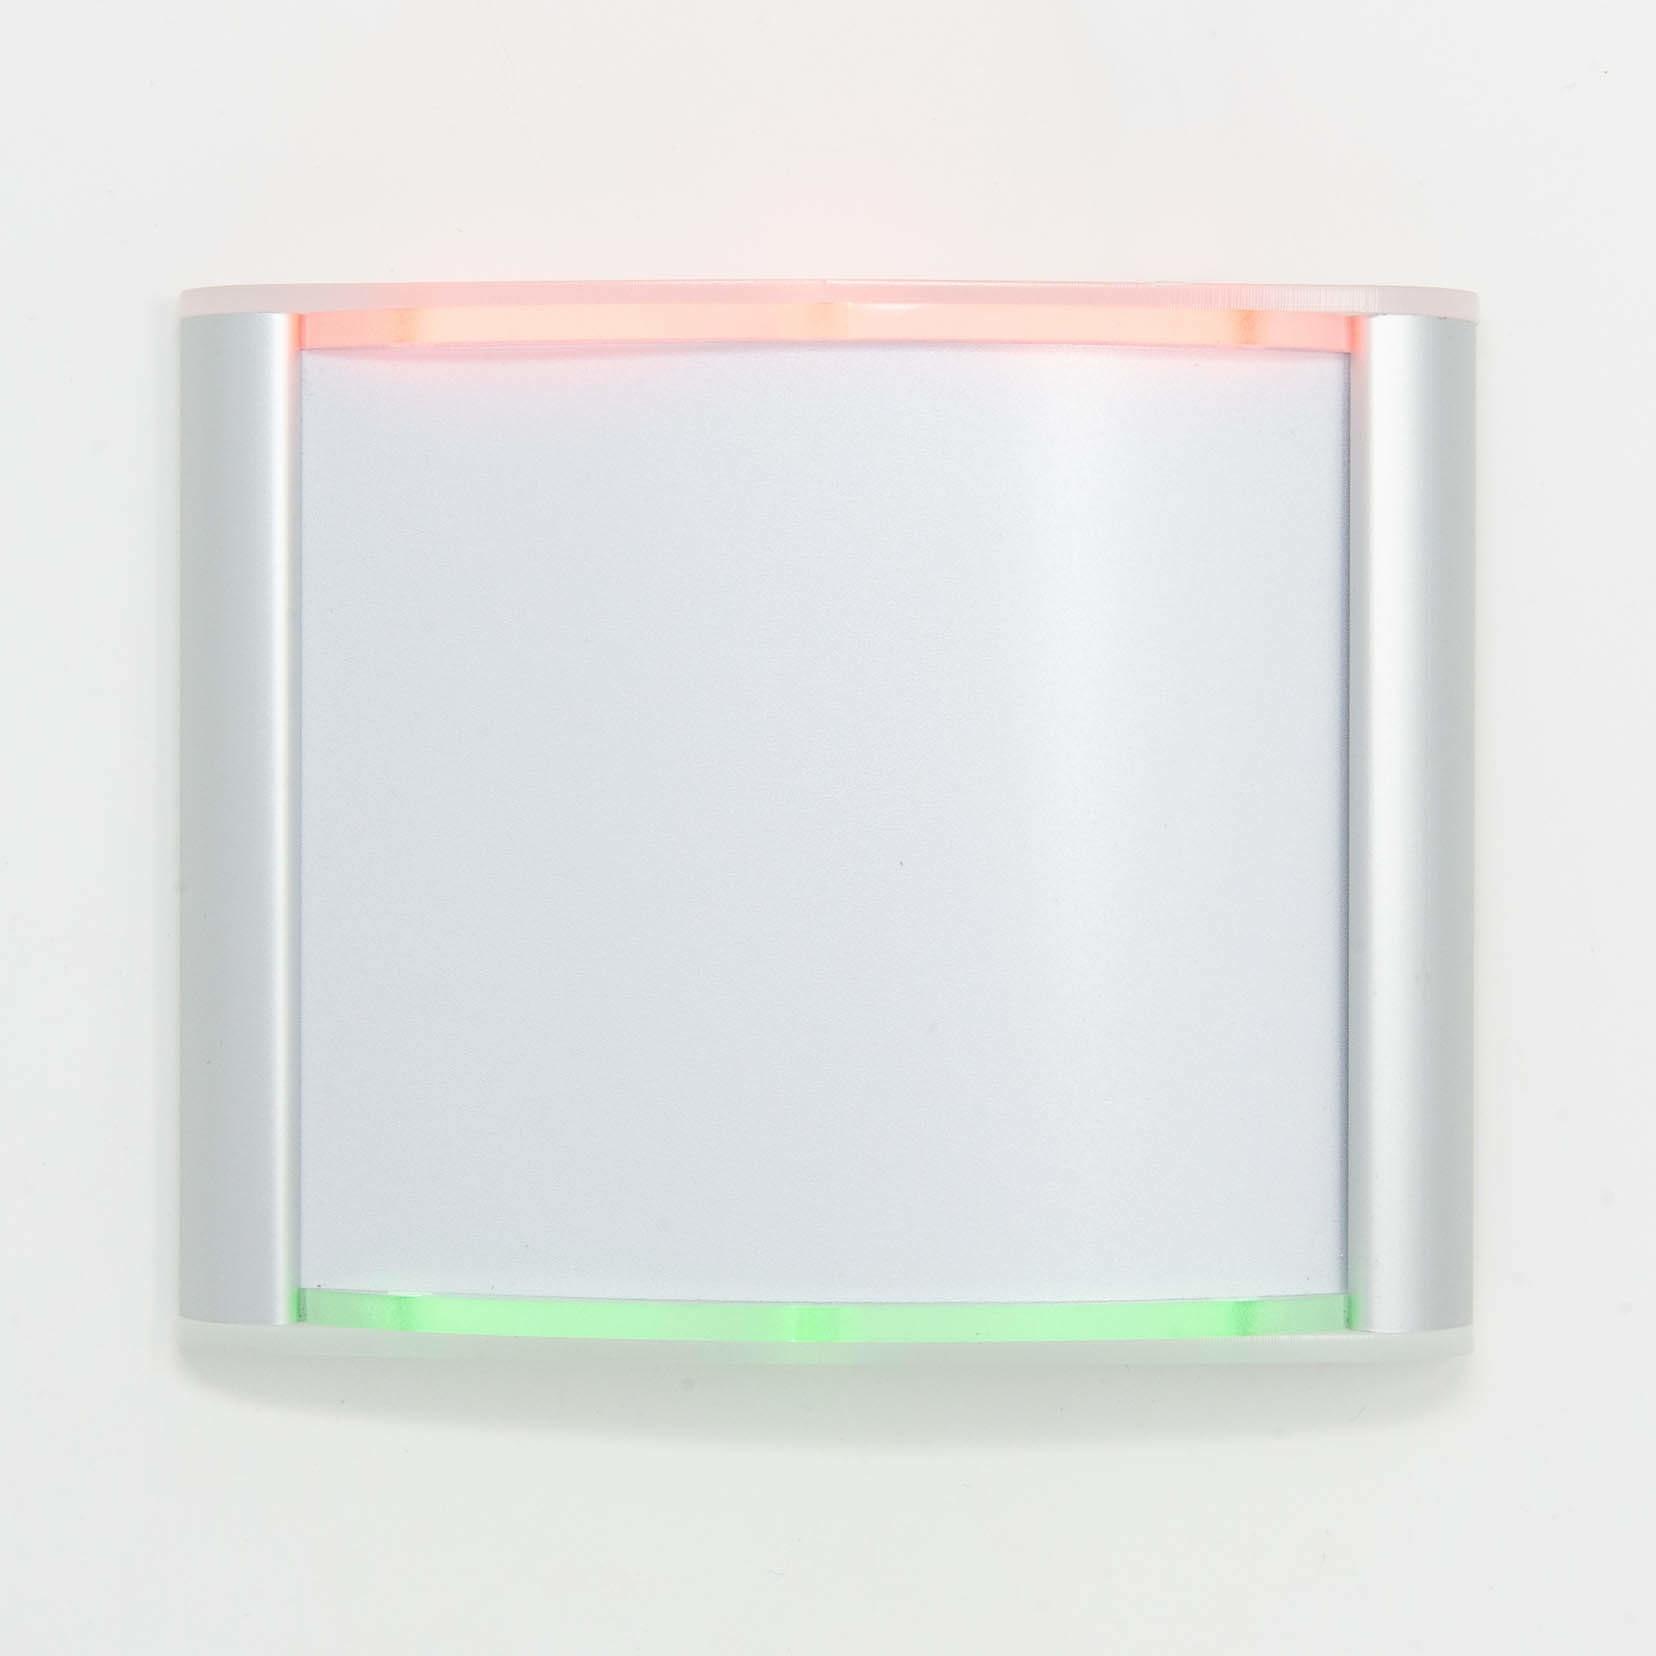 Zimmersignalleuchte für Lichtrufanlage